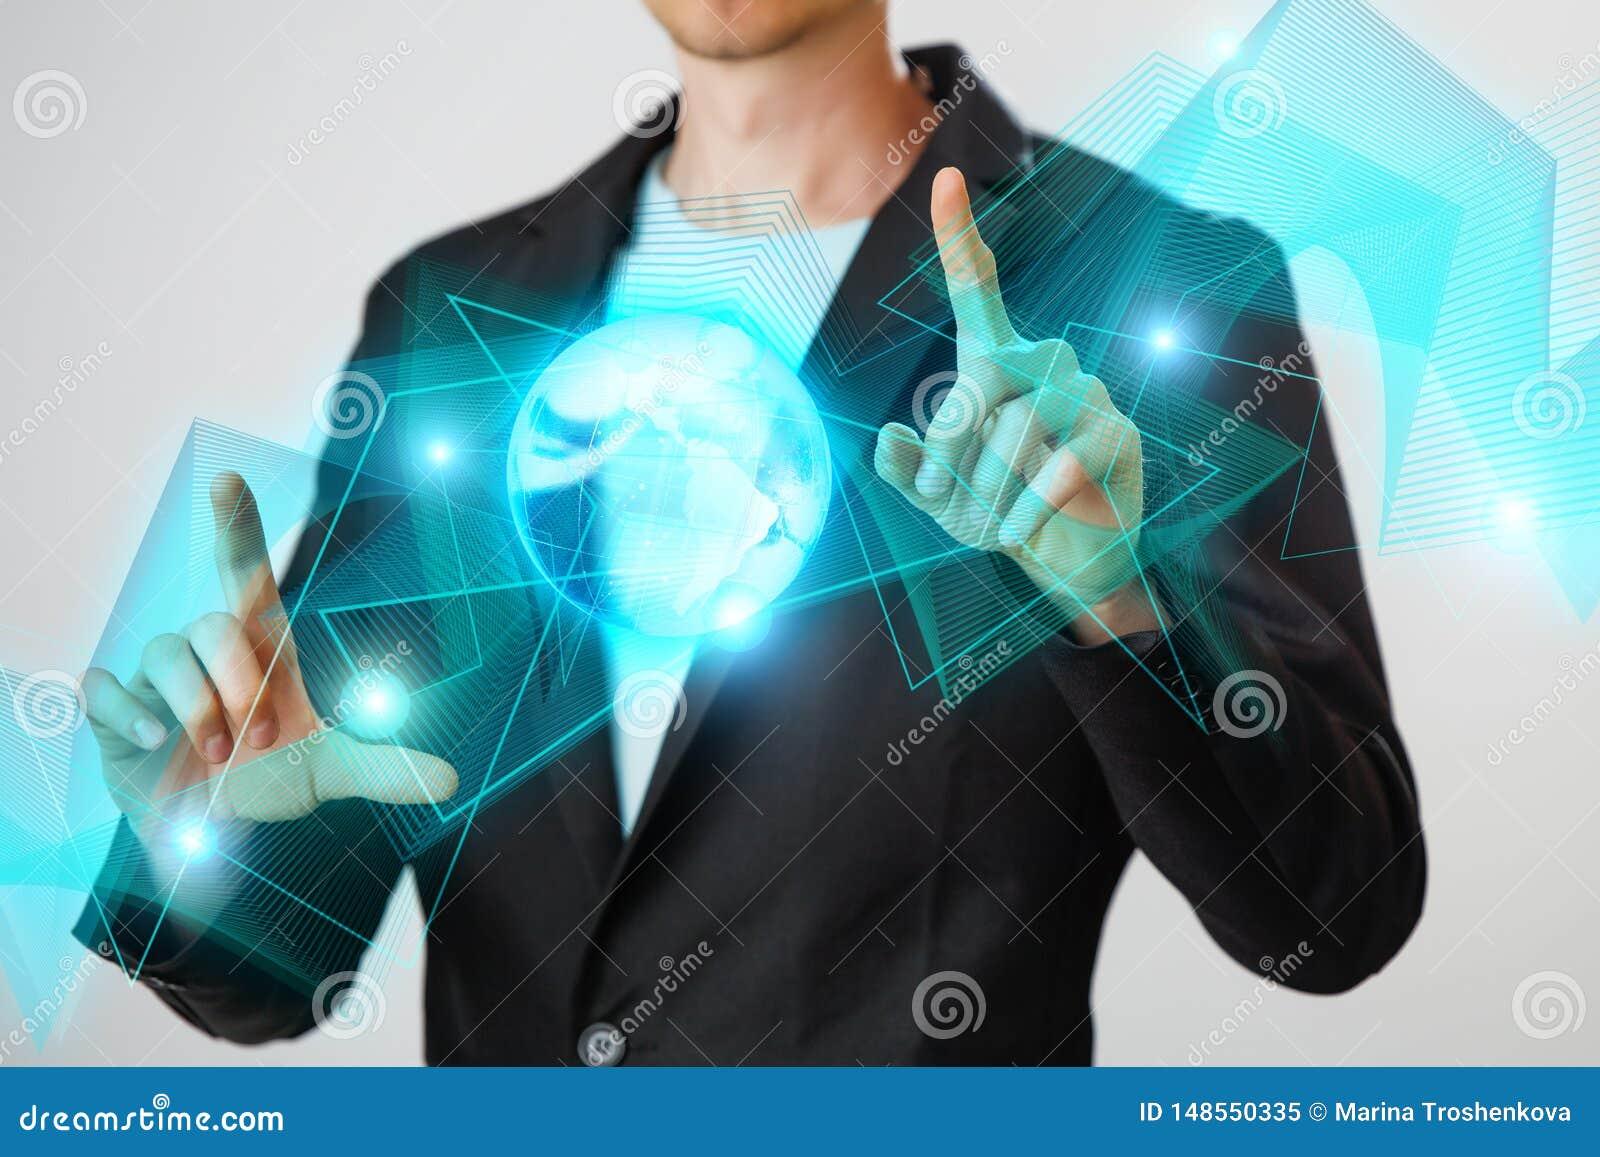 Zakenman die de gloeiende hologram digitale bol houden Concepr van zaken en innovatie